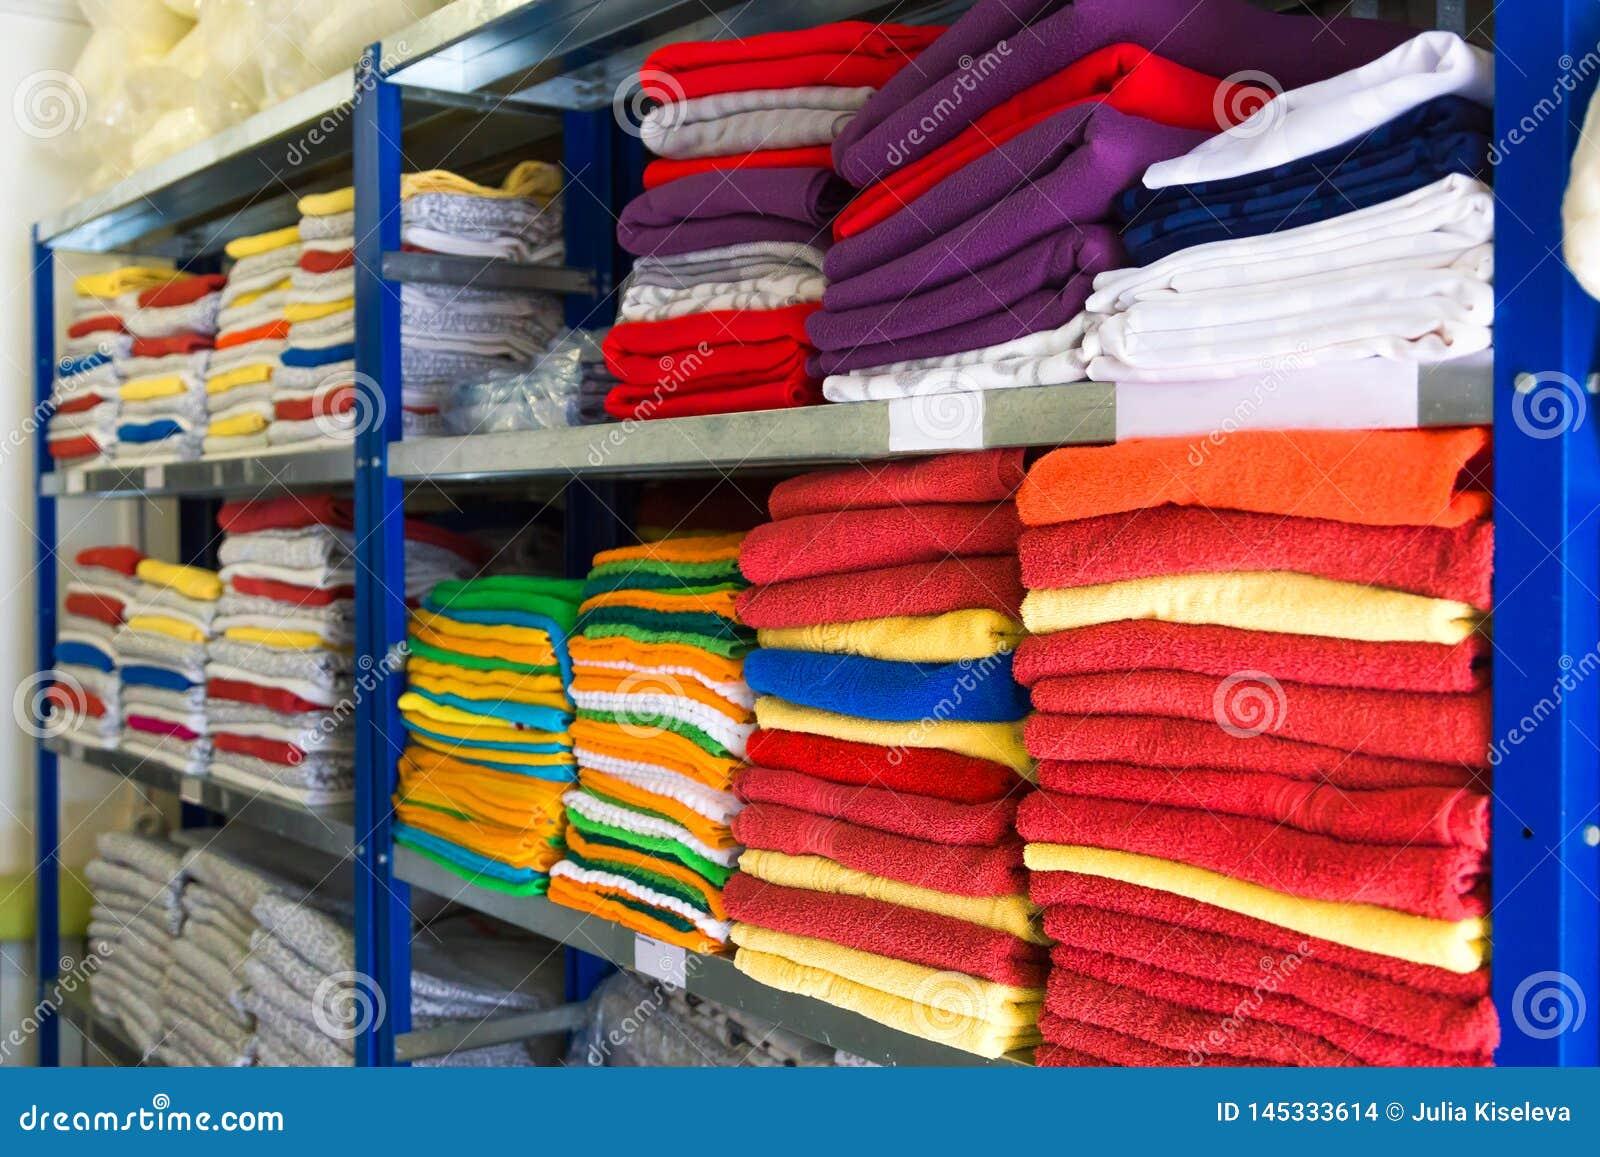 Toallas, sábanas y ropa en el estante